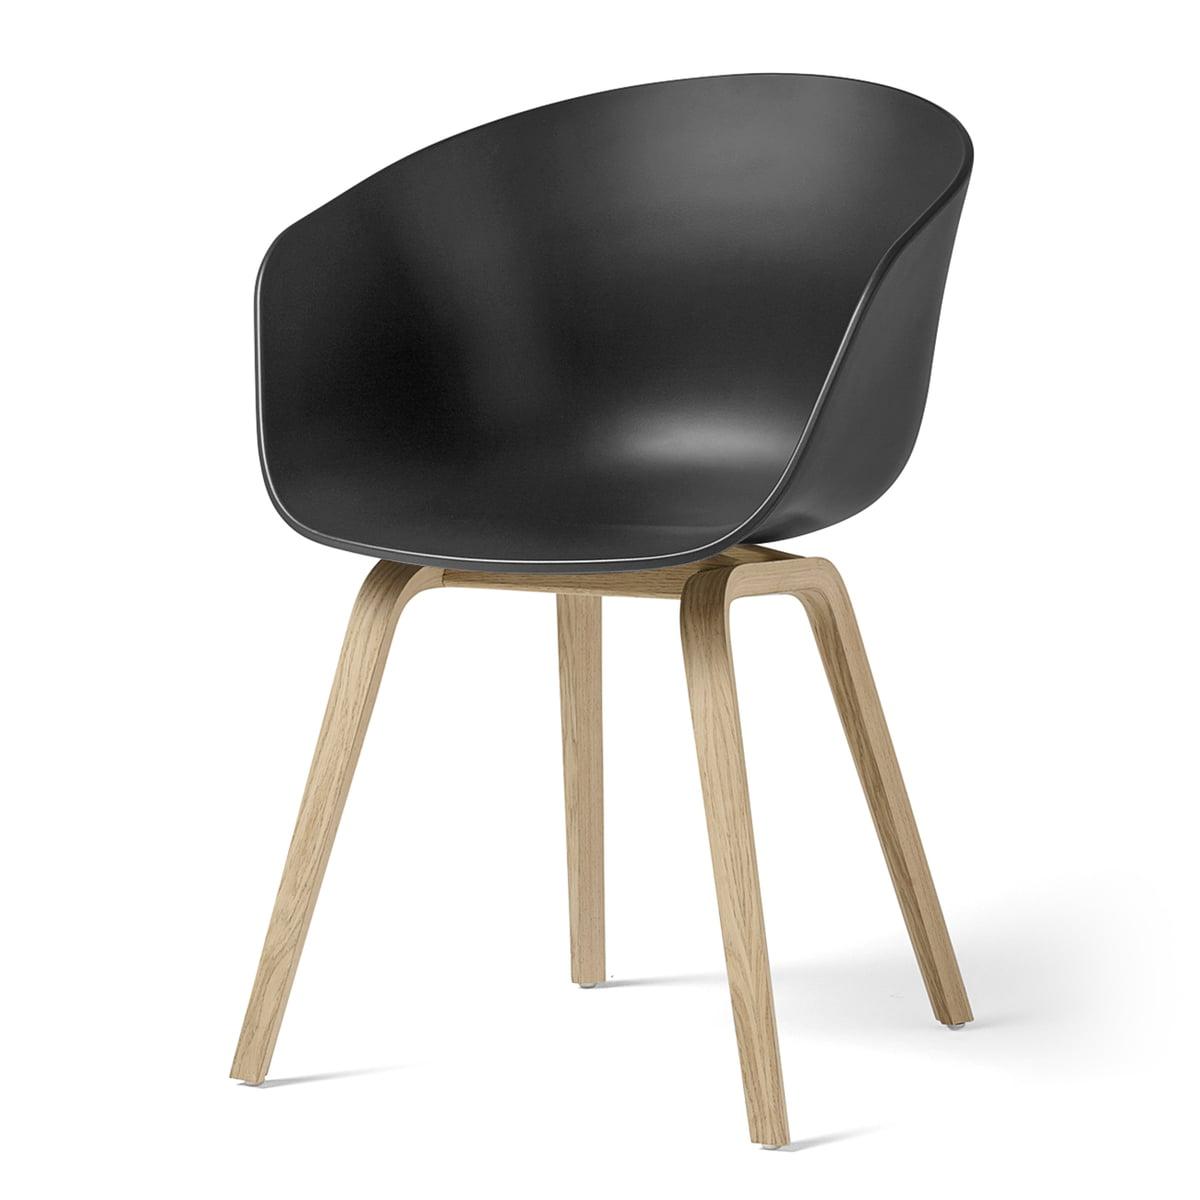 Hay - About A Chair AAC 22, structure quatre pieds en bois (chêne laqué mat) / soft black, patins en feutre